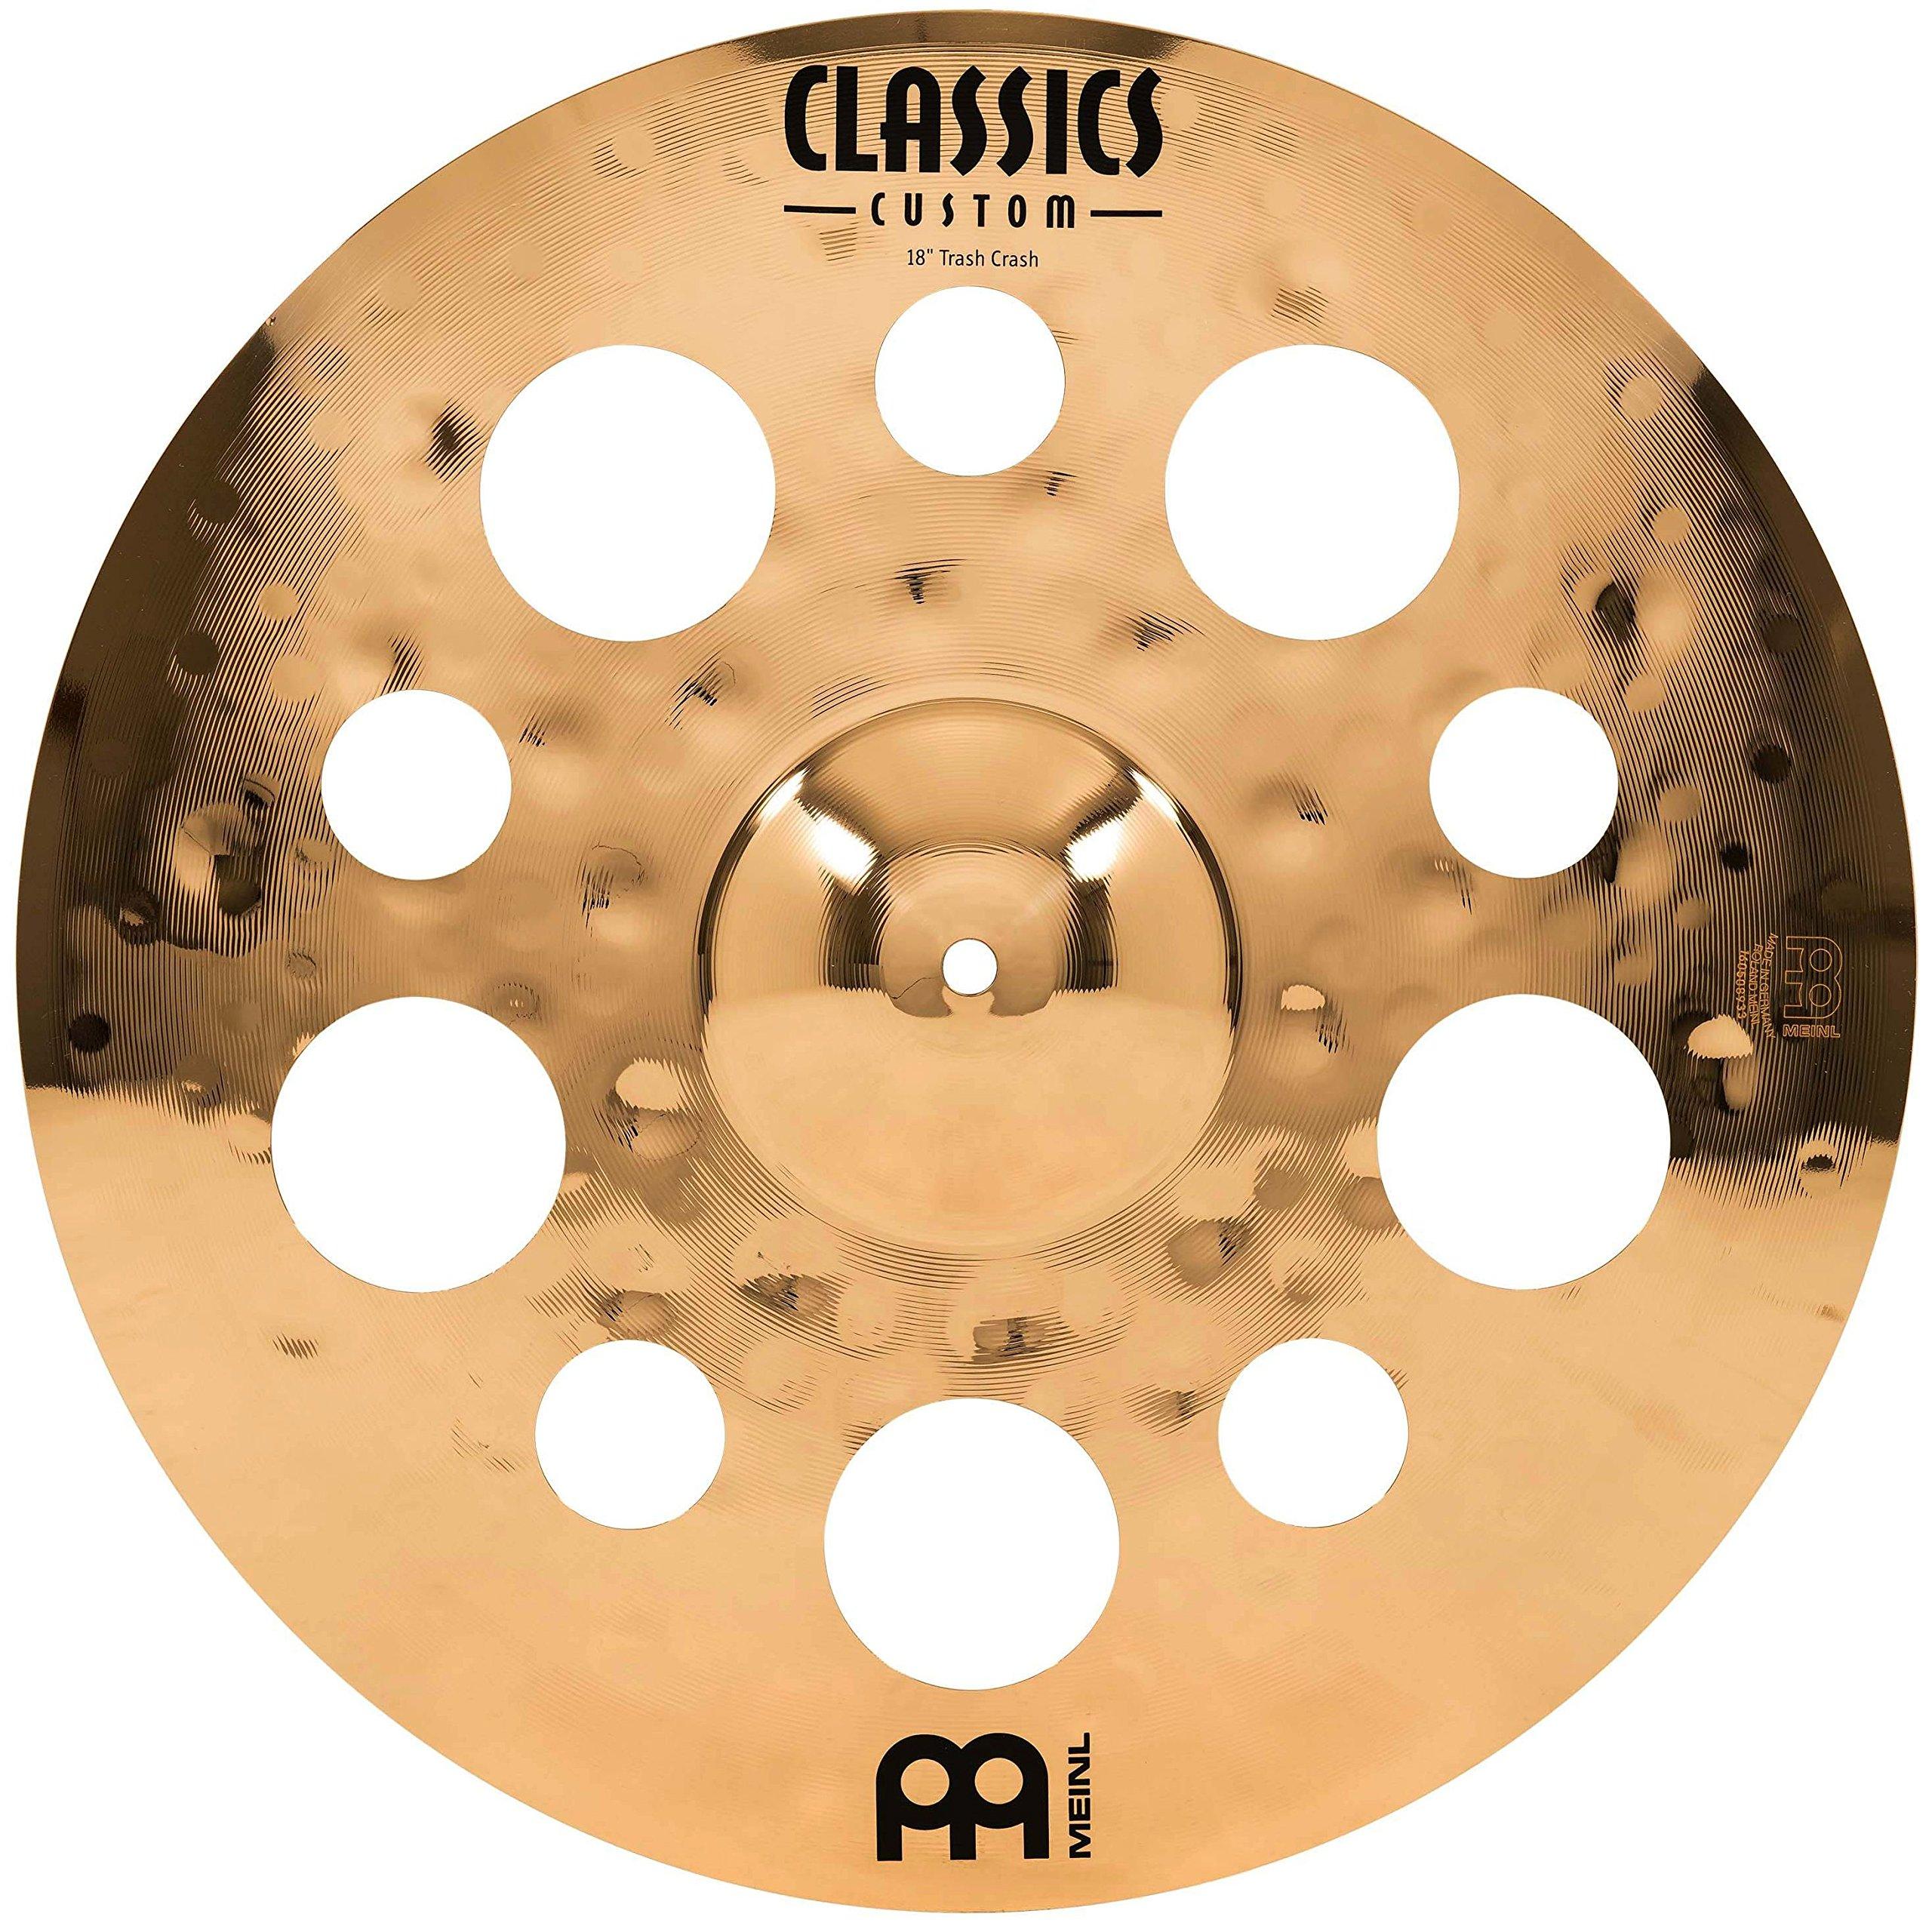 Meinl 18'' Trash Crash Cymbal with Holes  -  Classics Custom Brilliant - Made in Germany, 2-YEAR WARRANTY (CC18TRC-B)